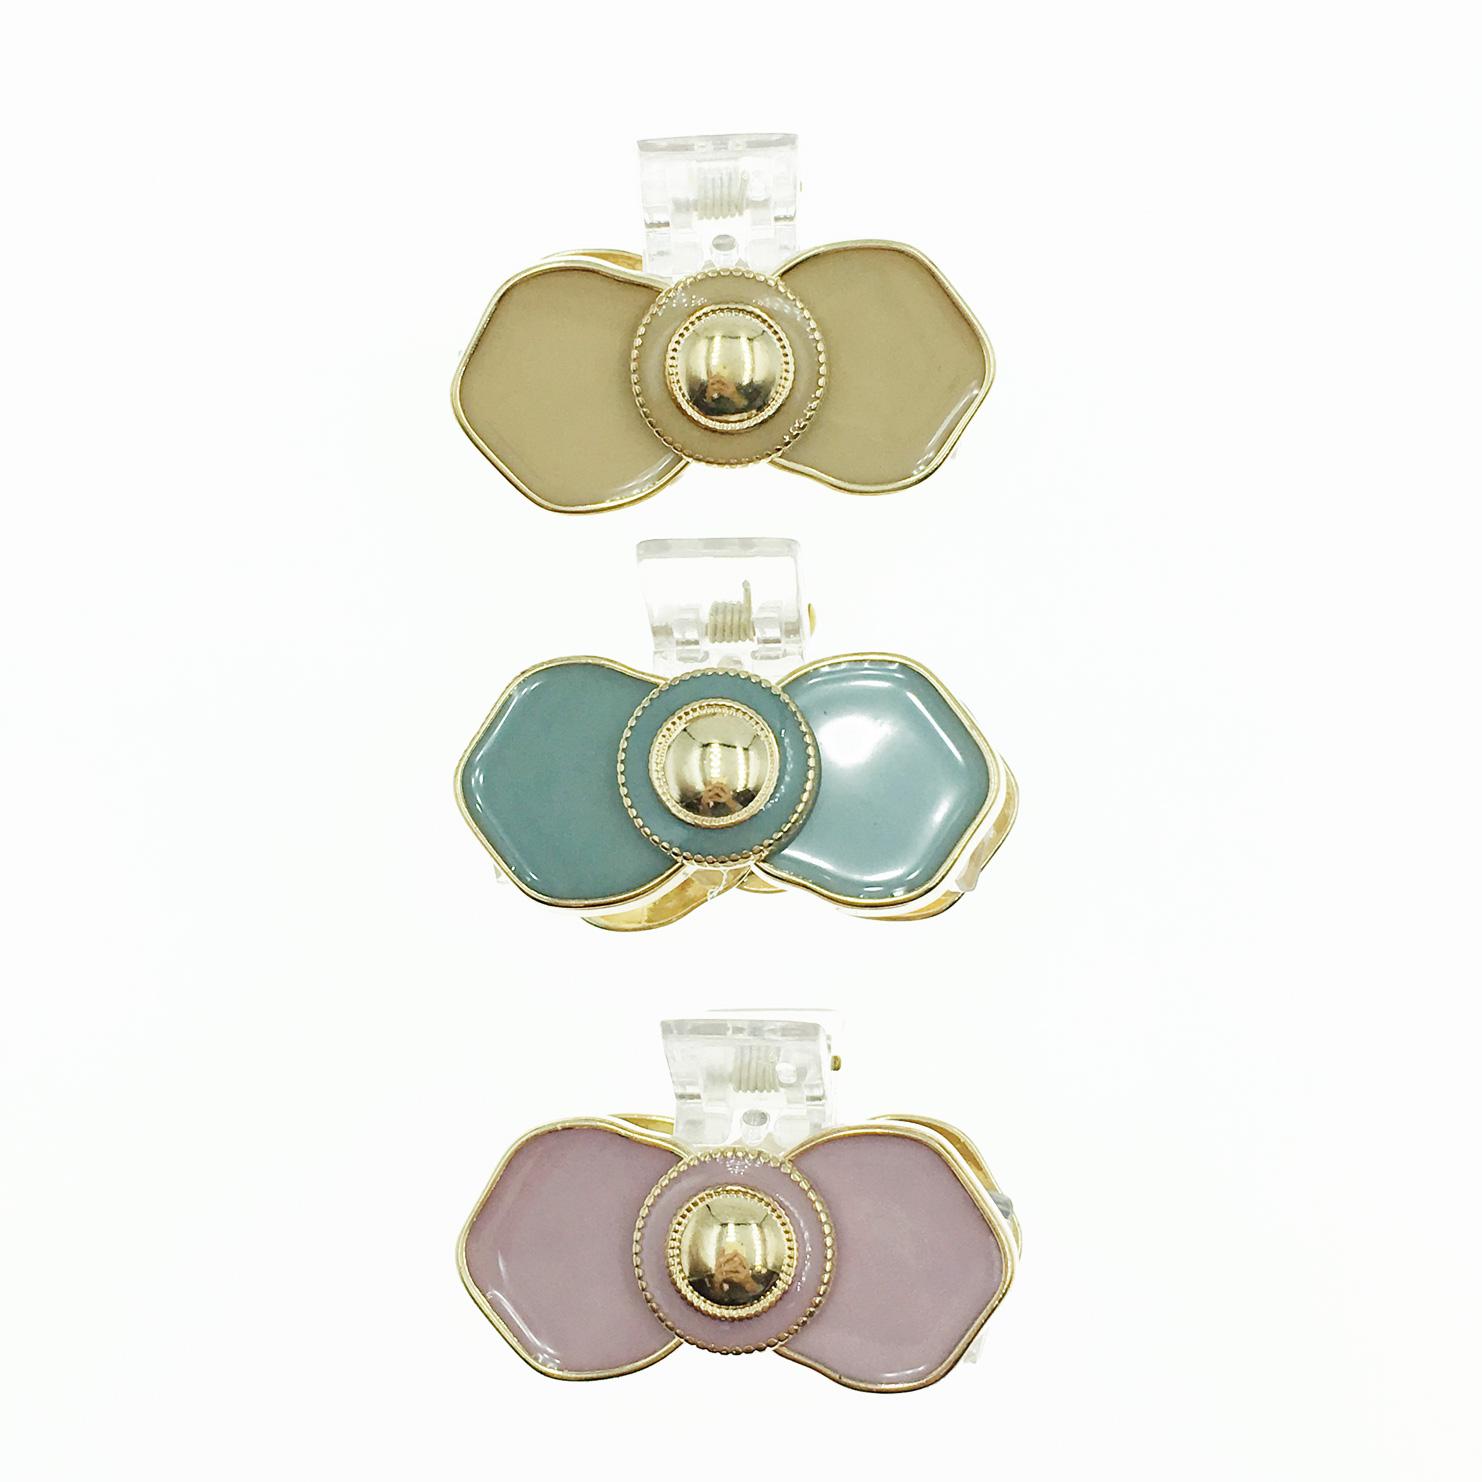 韓國 蝴蝶結 金邊 3色 甜美風 髮飾 抓夾 髮夾